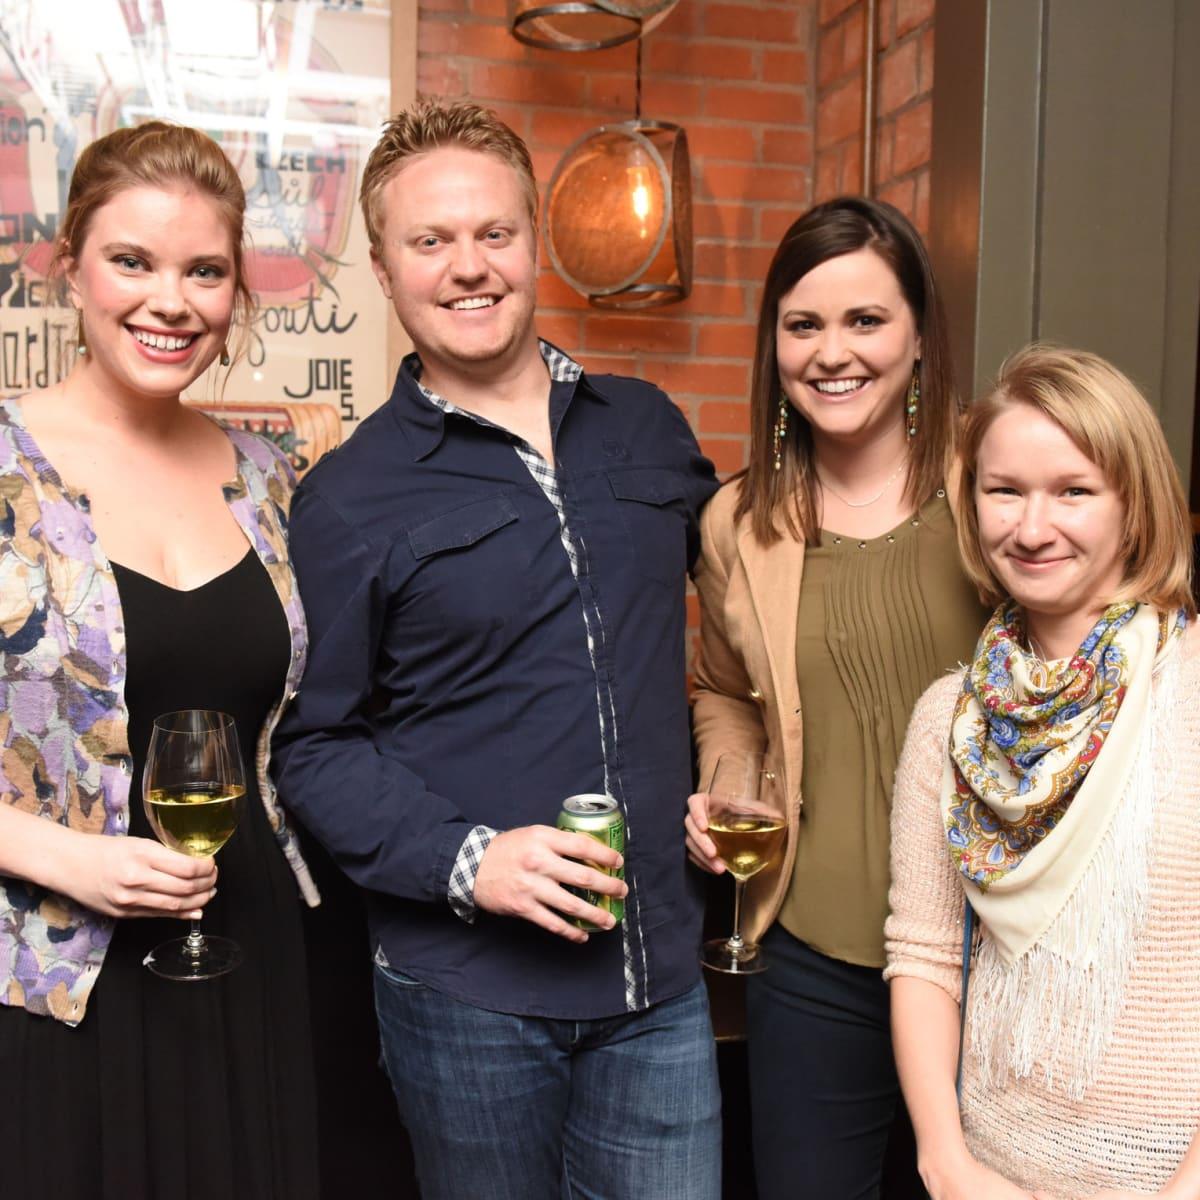 Urban Harvest dinner Allison Reeves, from left, Nick Deaville, Britni Deaville and Dasha Sklyarova